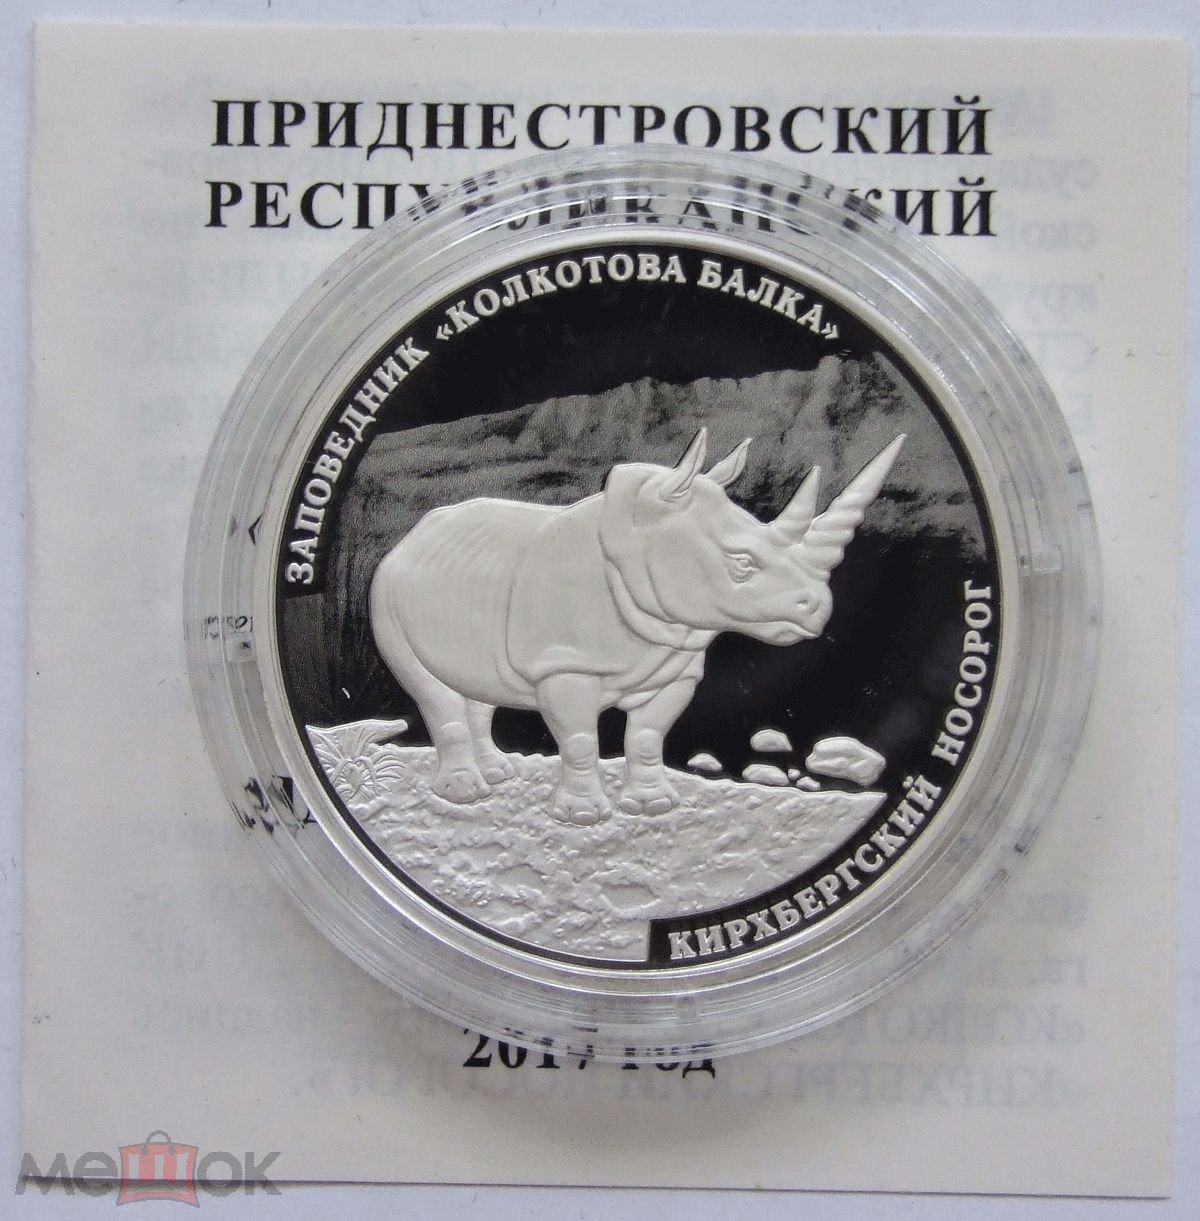 Монеты приднестровья колкотова балка купить максим десятых